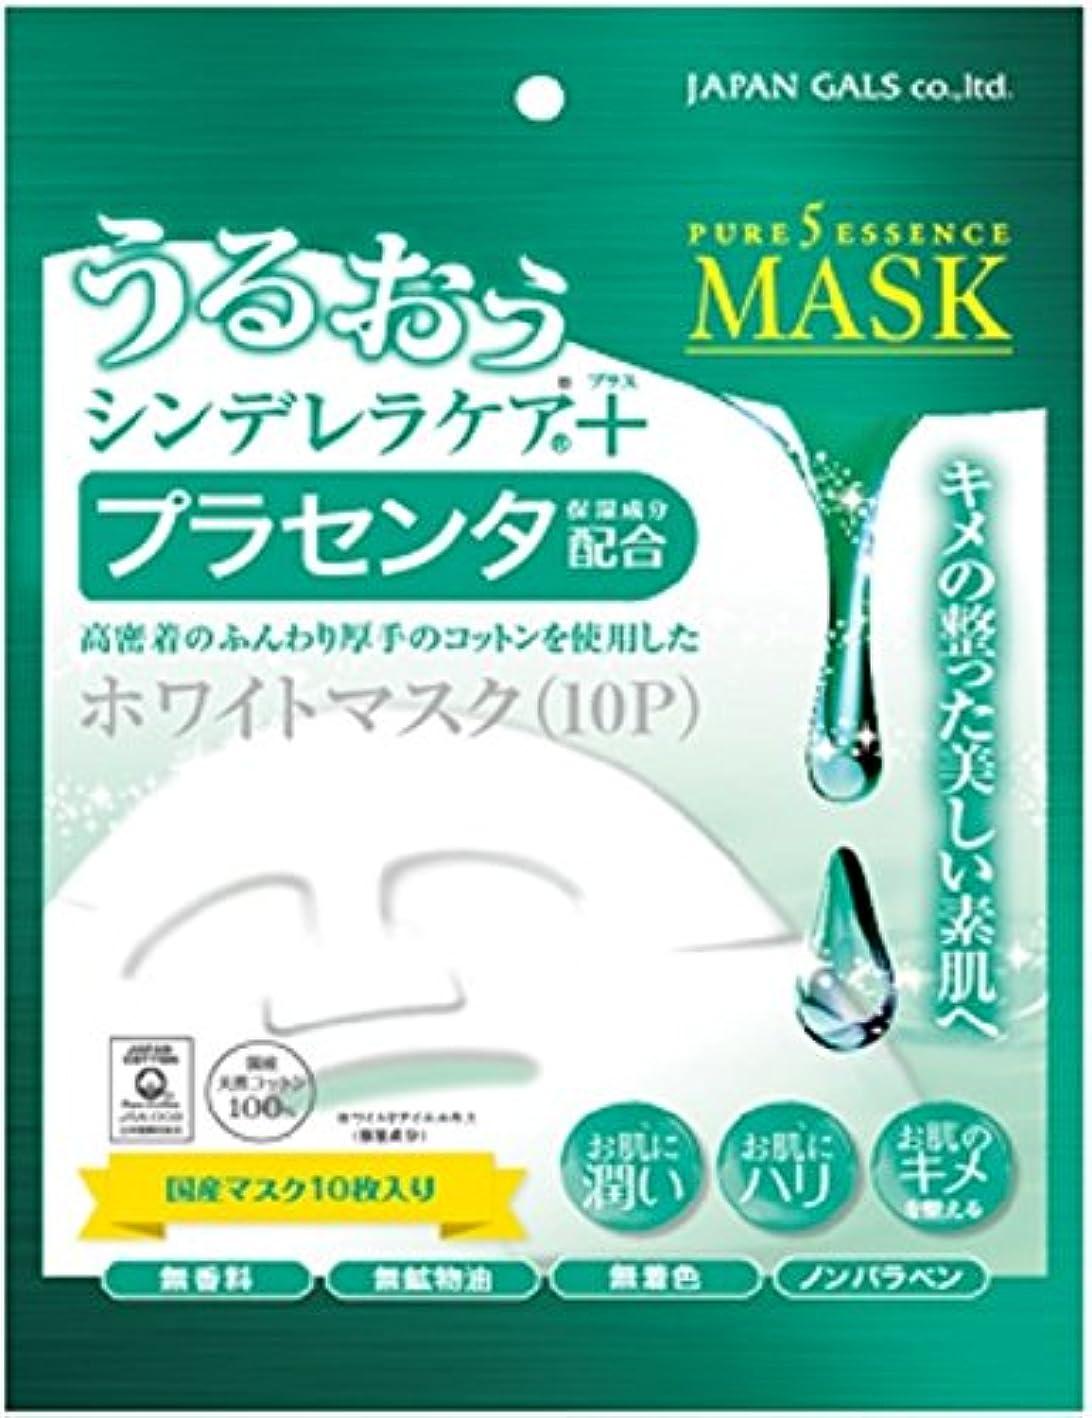 シール欺くトロリージャパンギャルズ ピュアファイブエッセンスマスク (PL+CC) 10枚